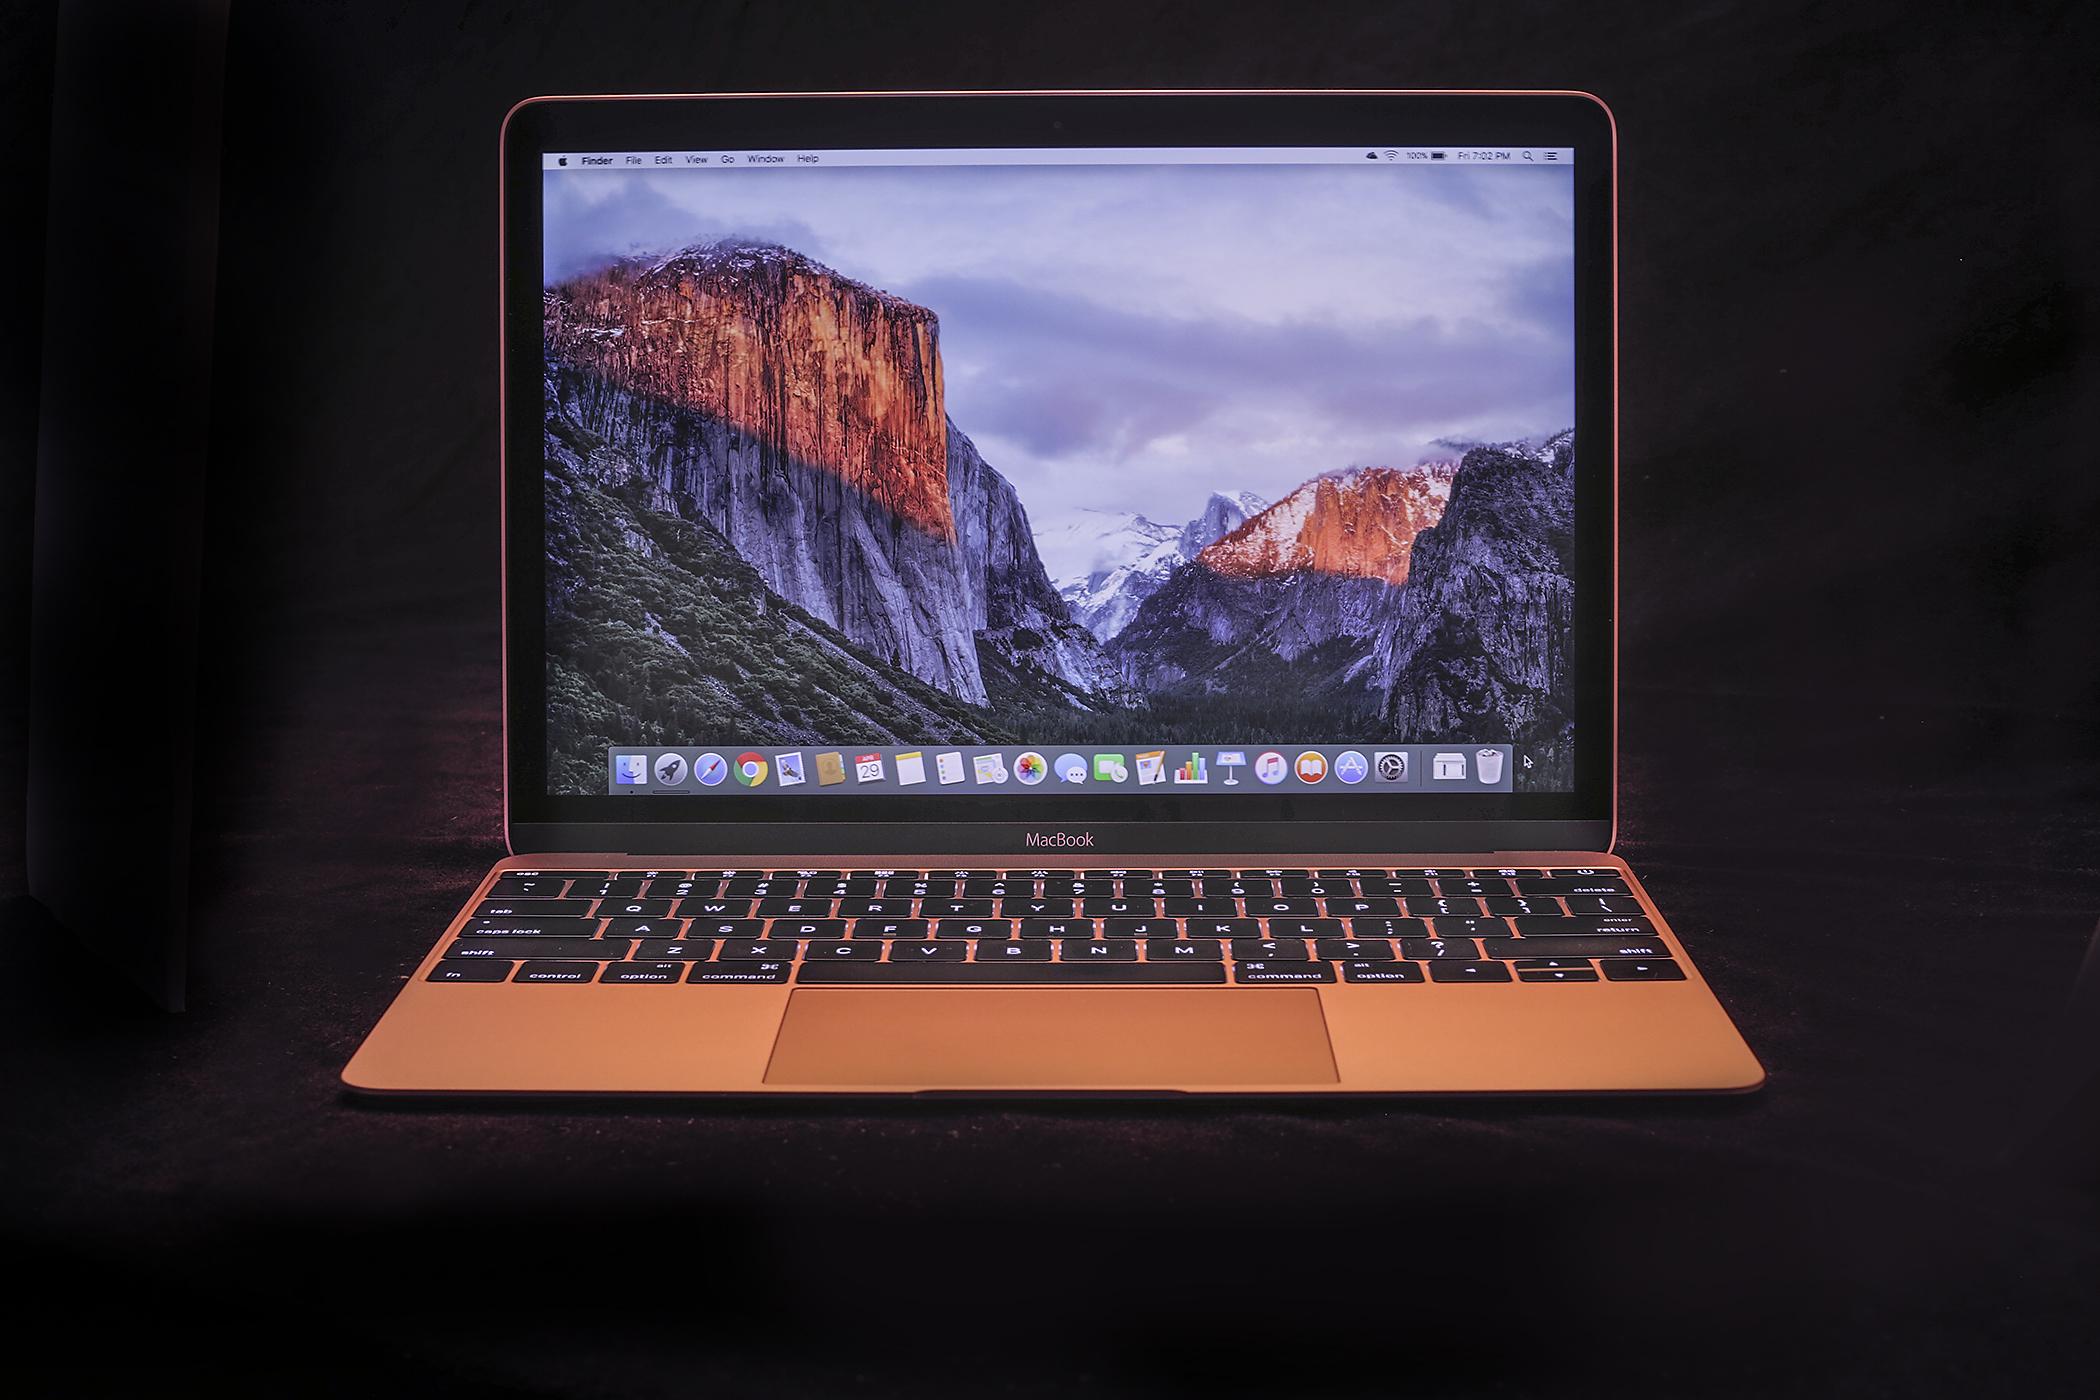 The MacBook.